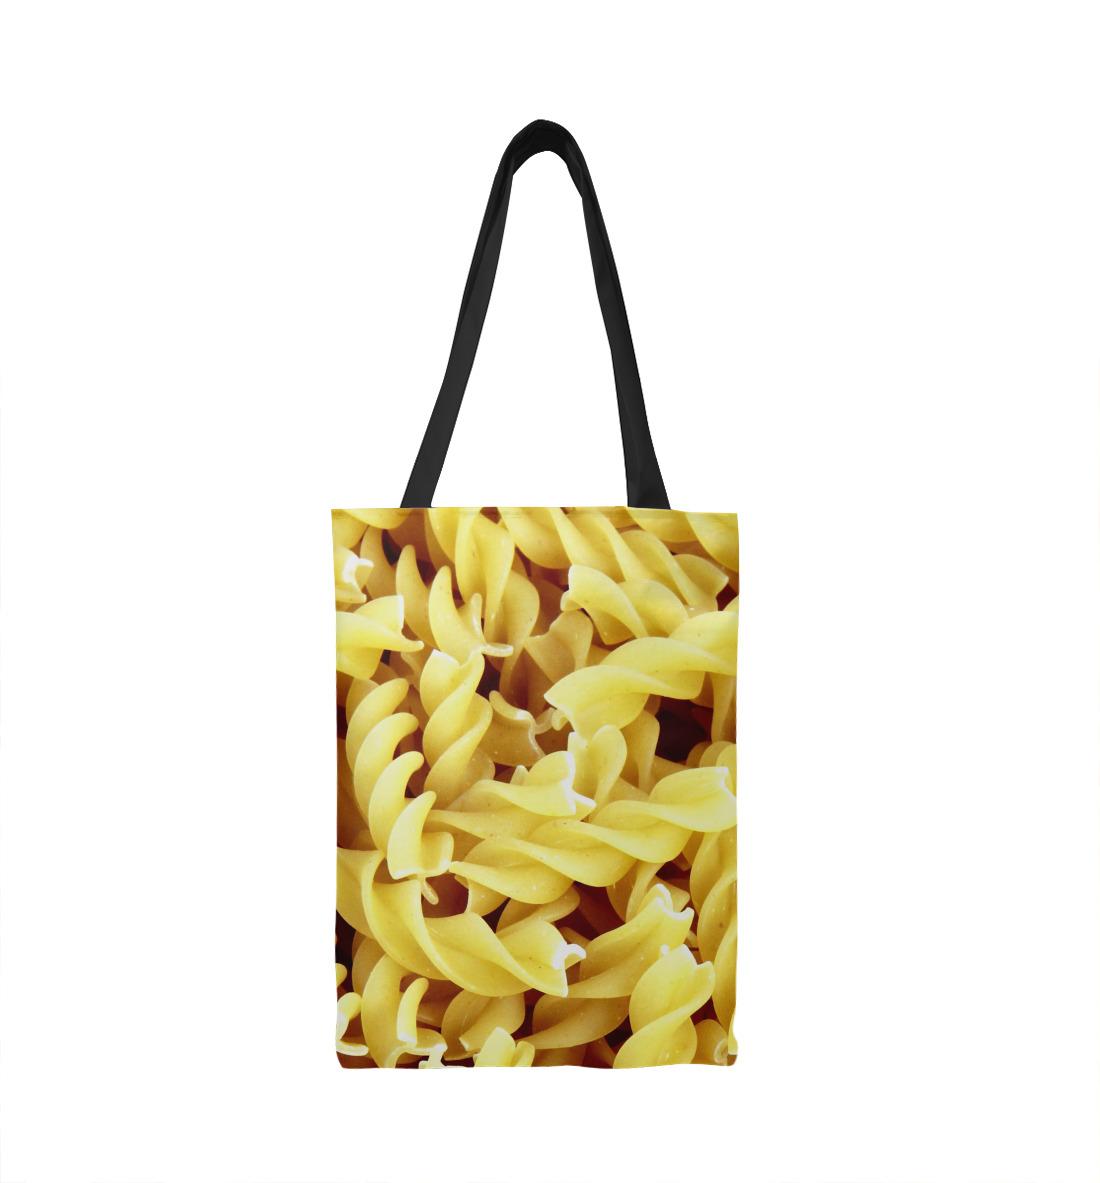 негатив сумки спагетти фото долгое время